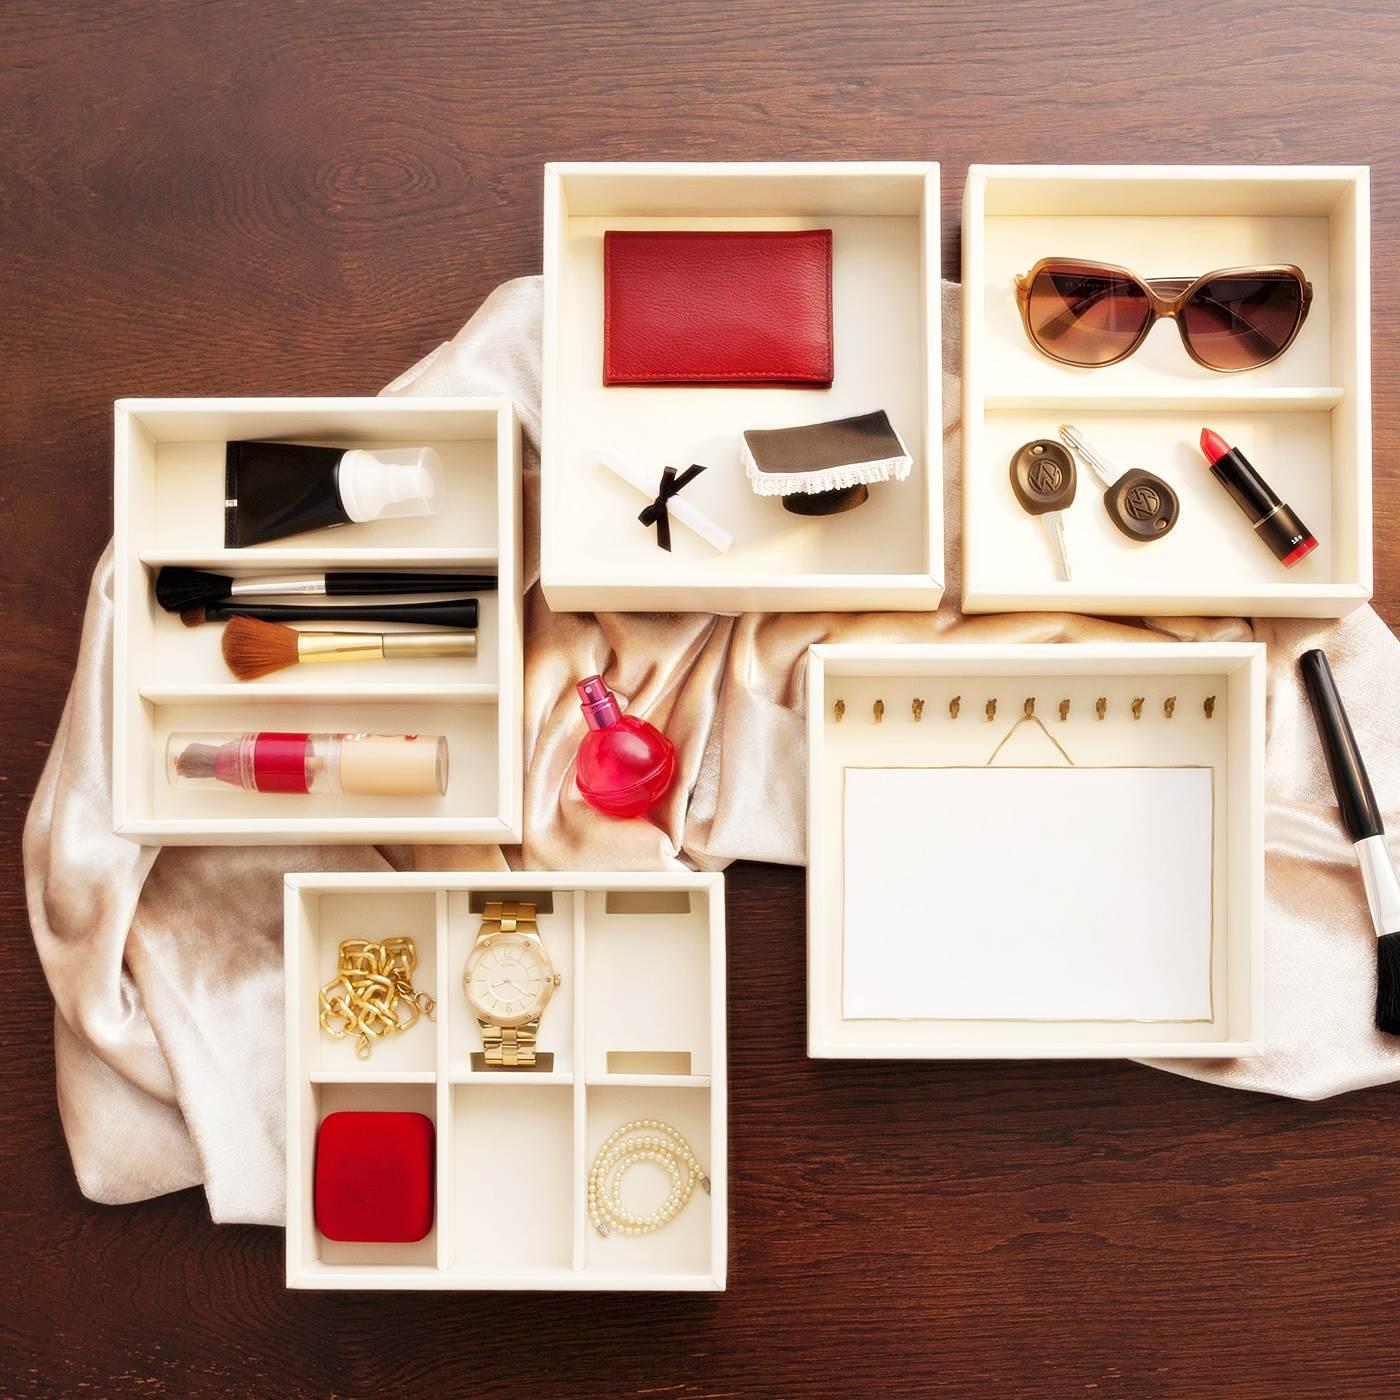 Organizador de anéis e objetos para gaveta Tria - Masutti Copat